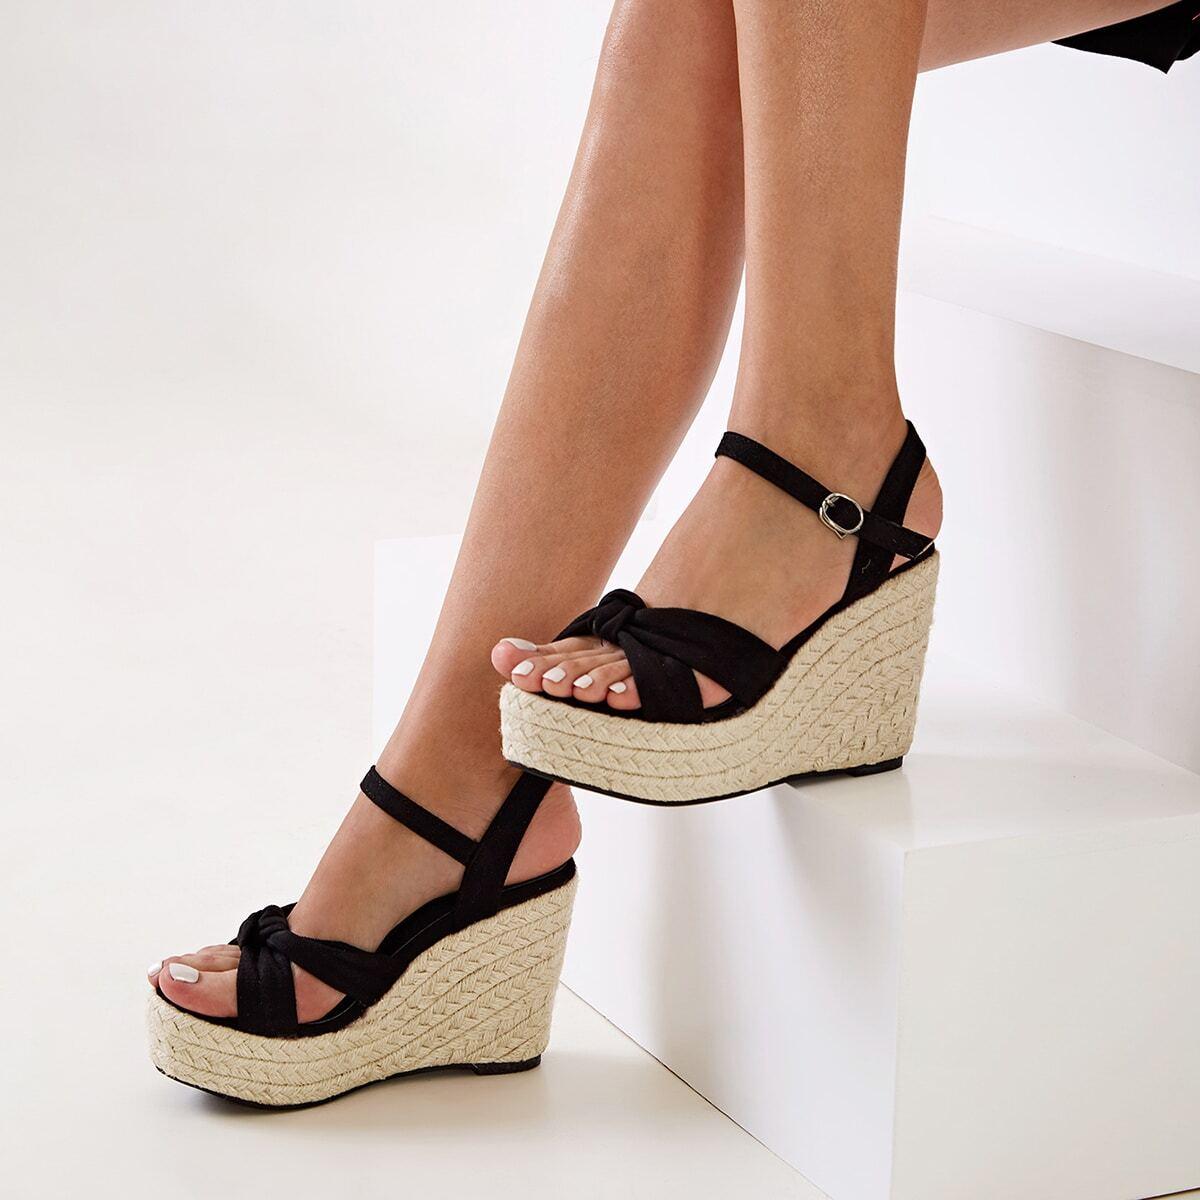 Туфли с конопляной платформе с открытым носком